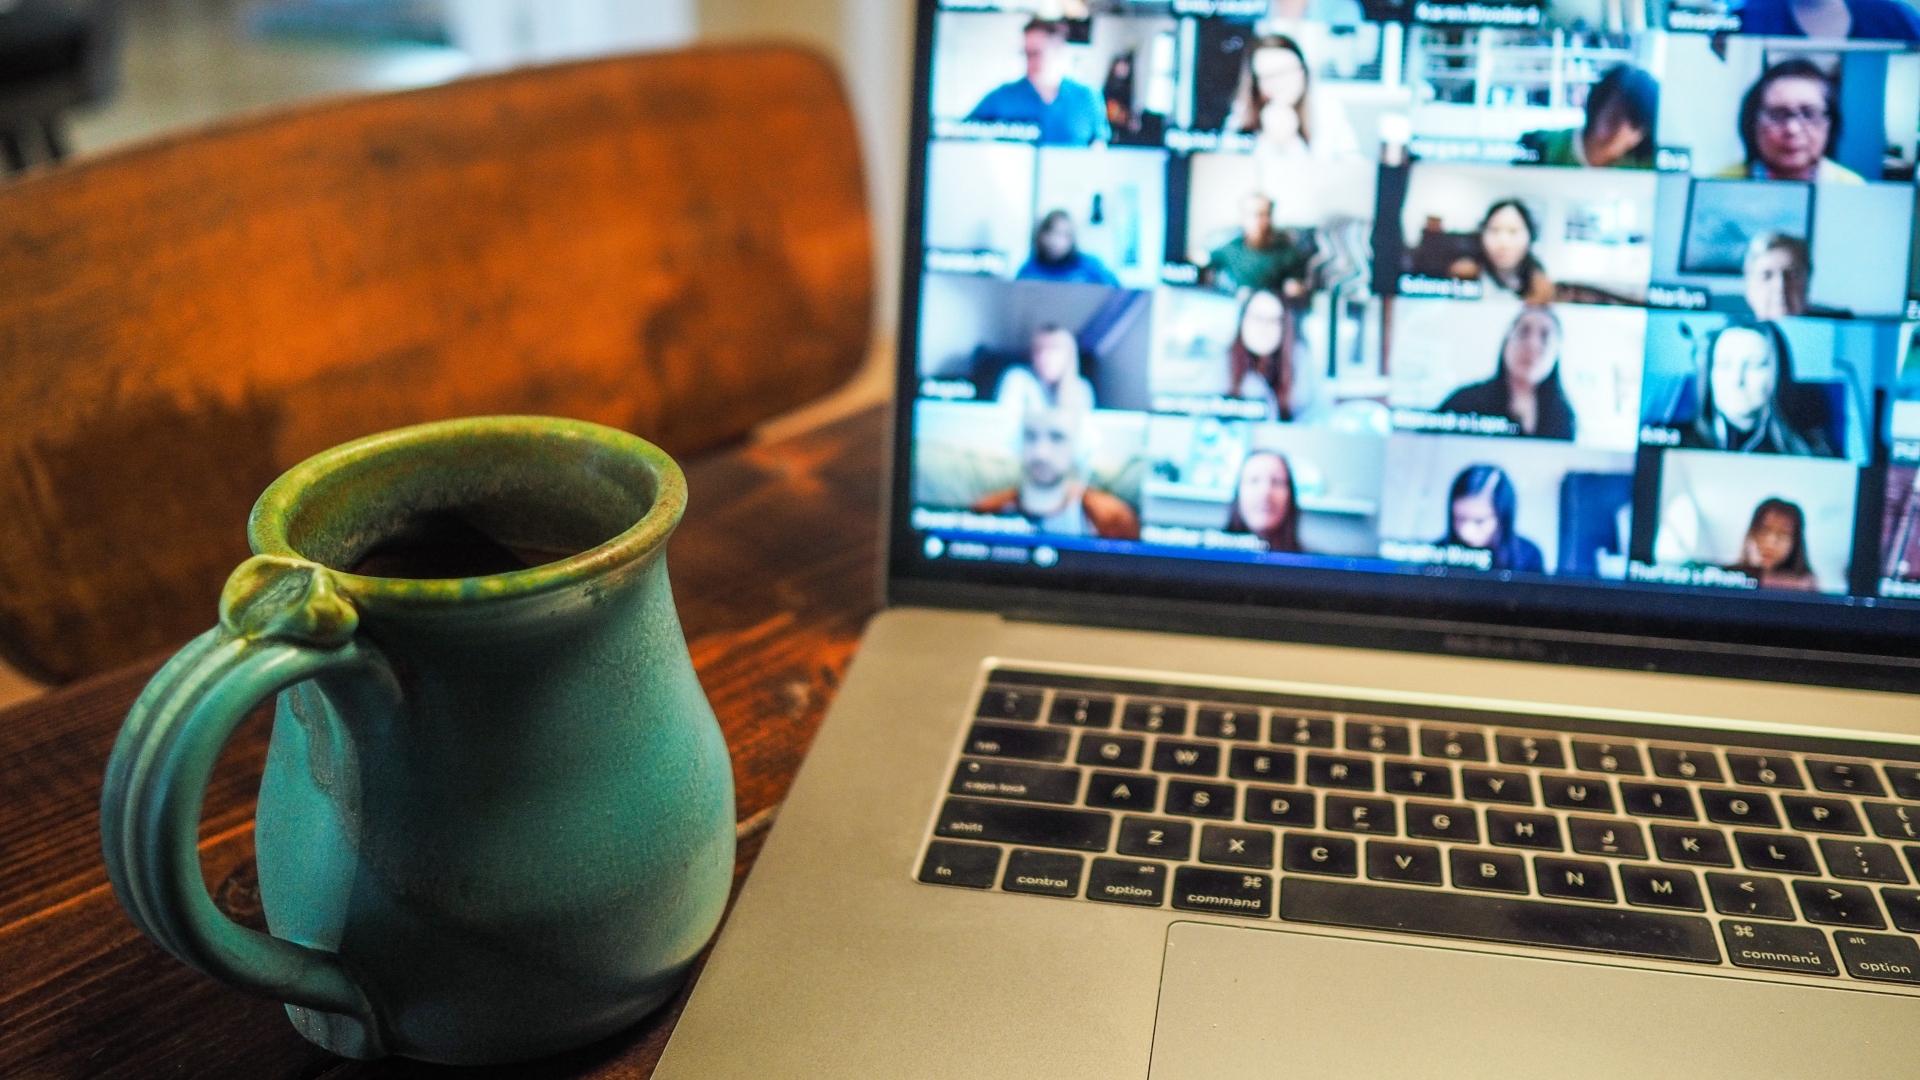 A home office miatt folyton online értekezlet megy